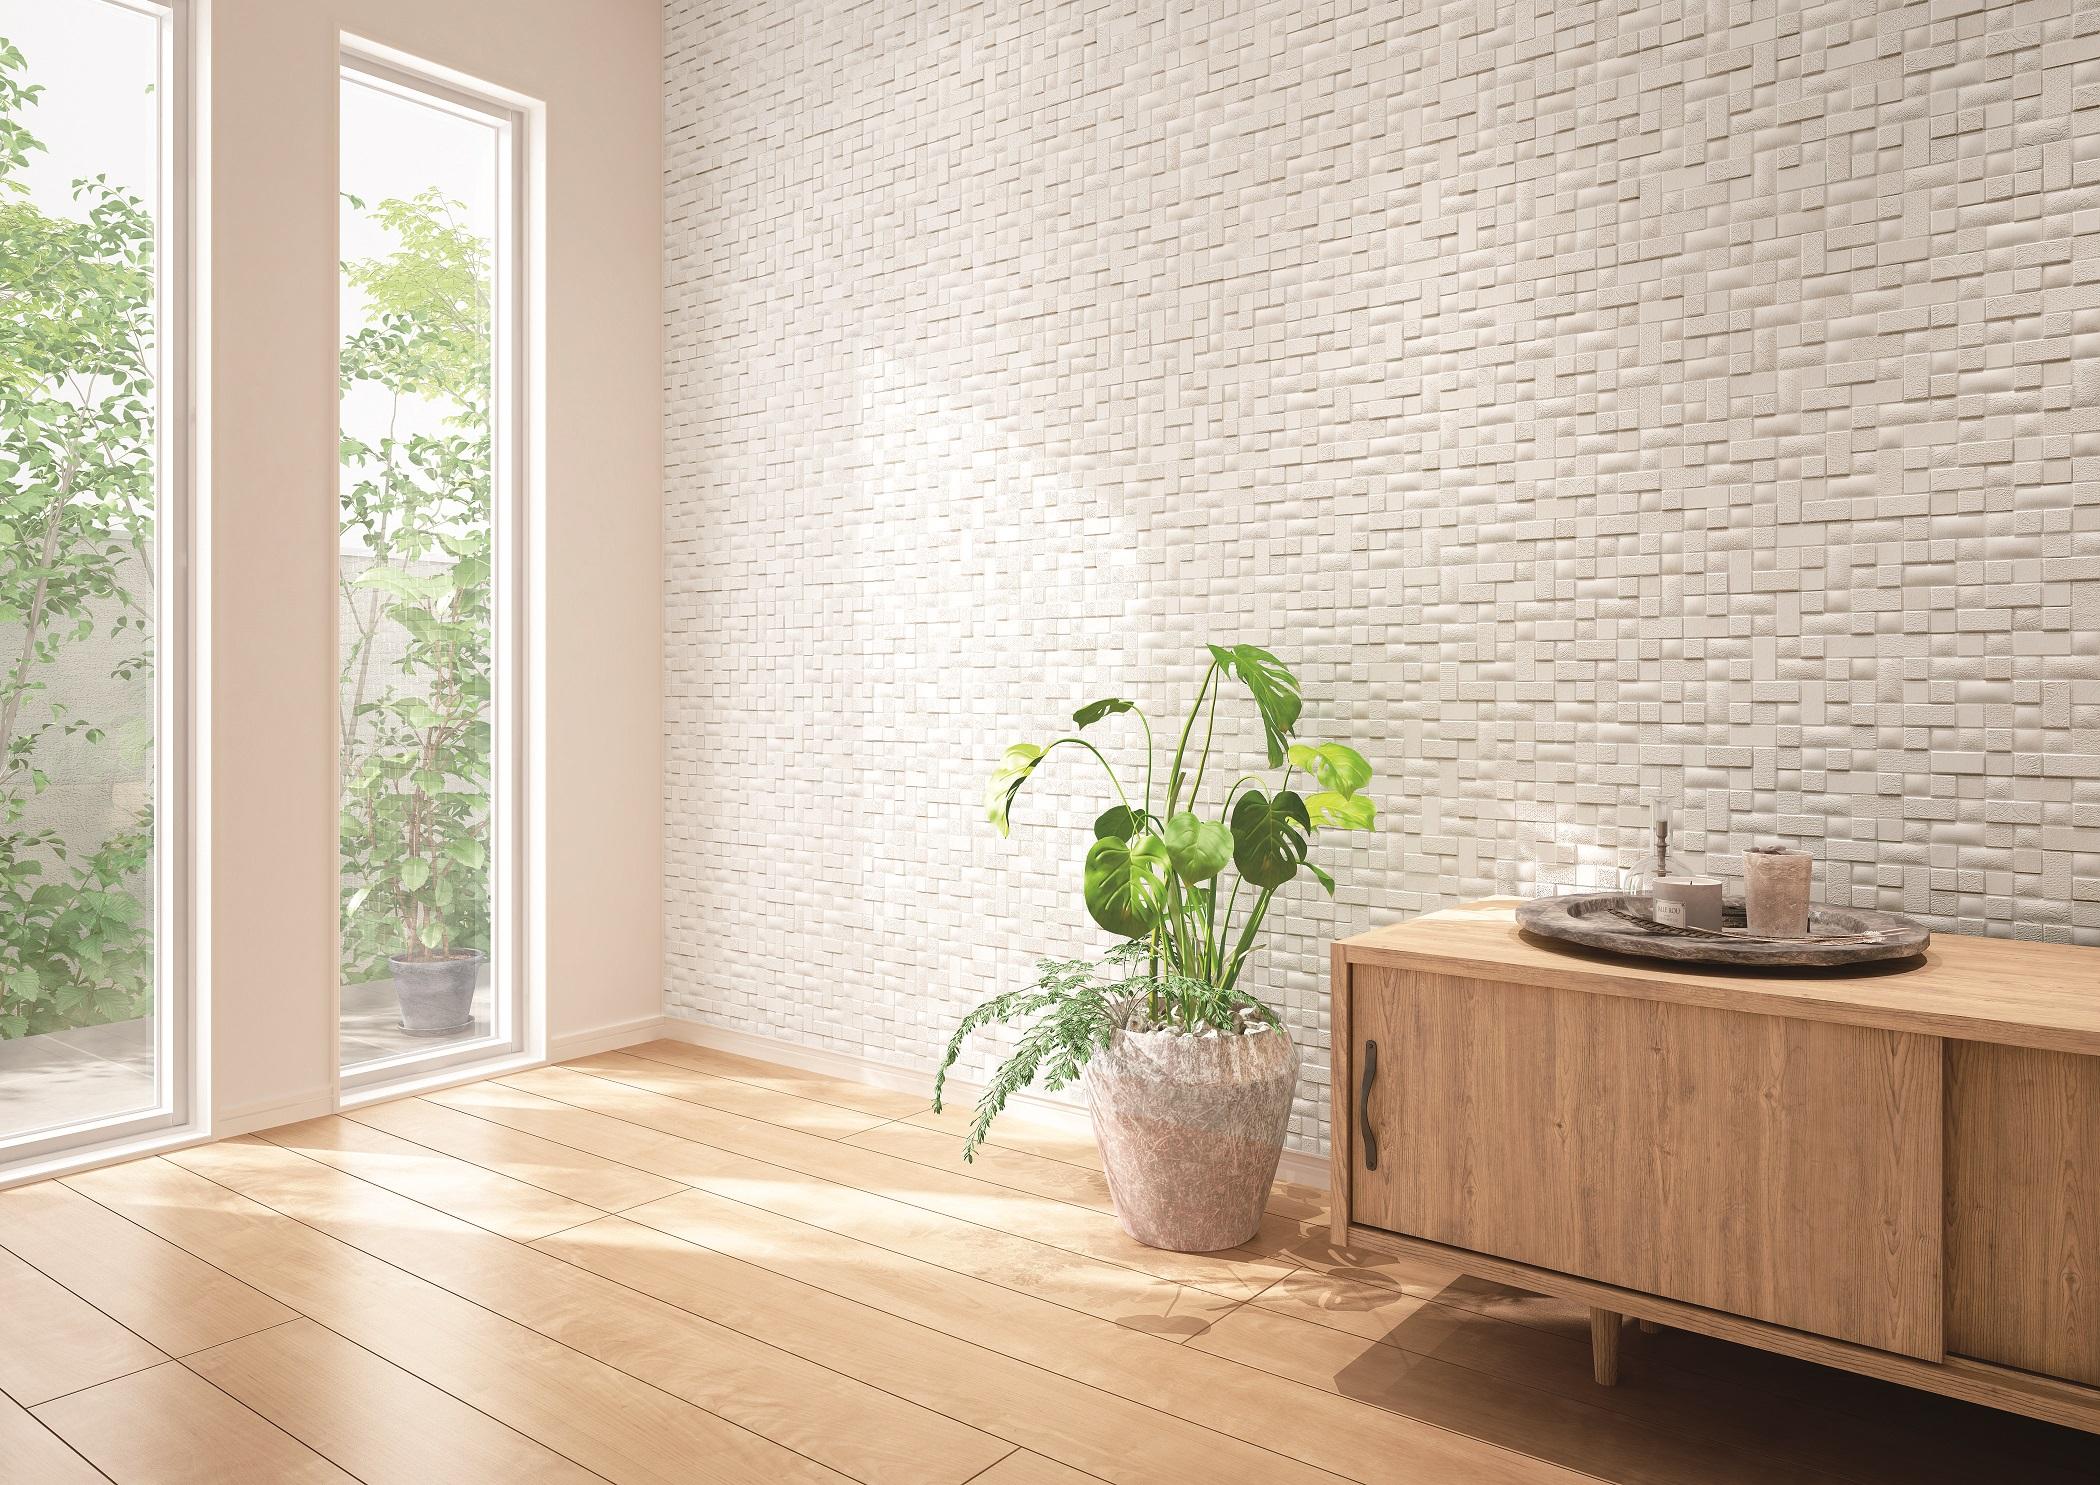 大建工業、深彫調不燃壁材に「草木×布目」の新柄